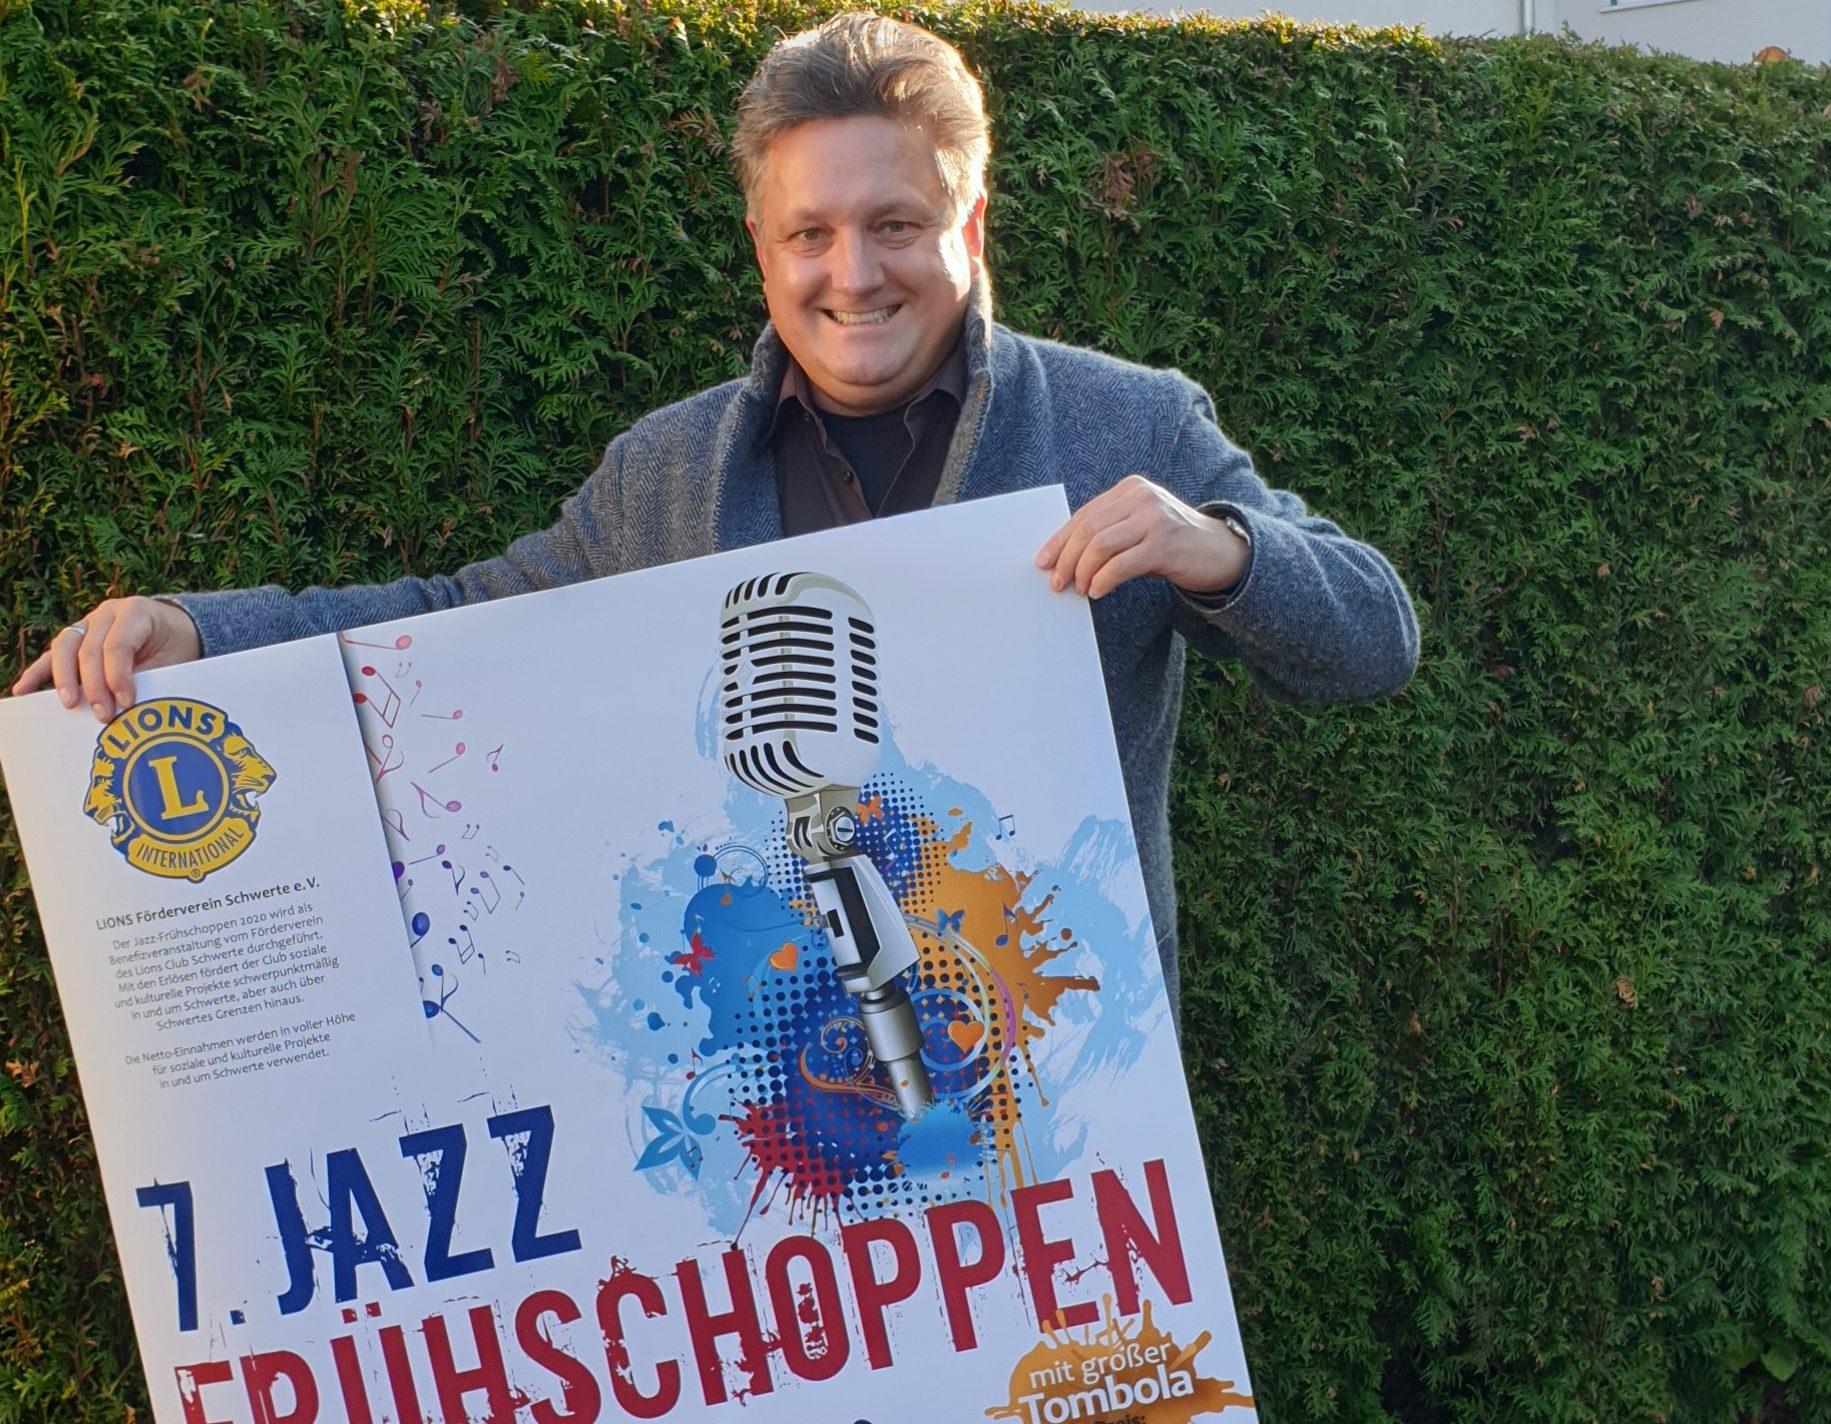 Countdown für 7. Benefiz Jazz-Frühschoppen: MeinSchwerte verlost 2×2 Karten